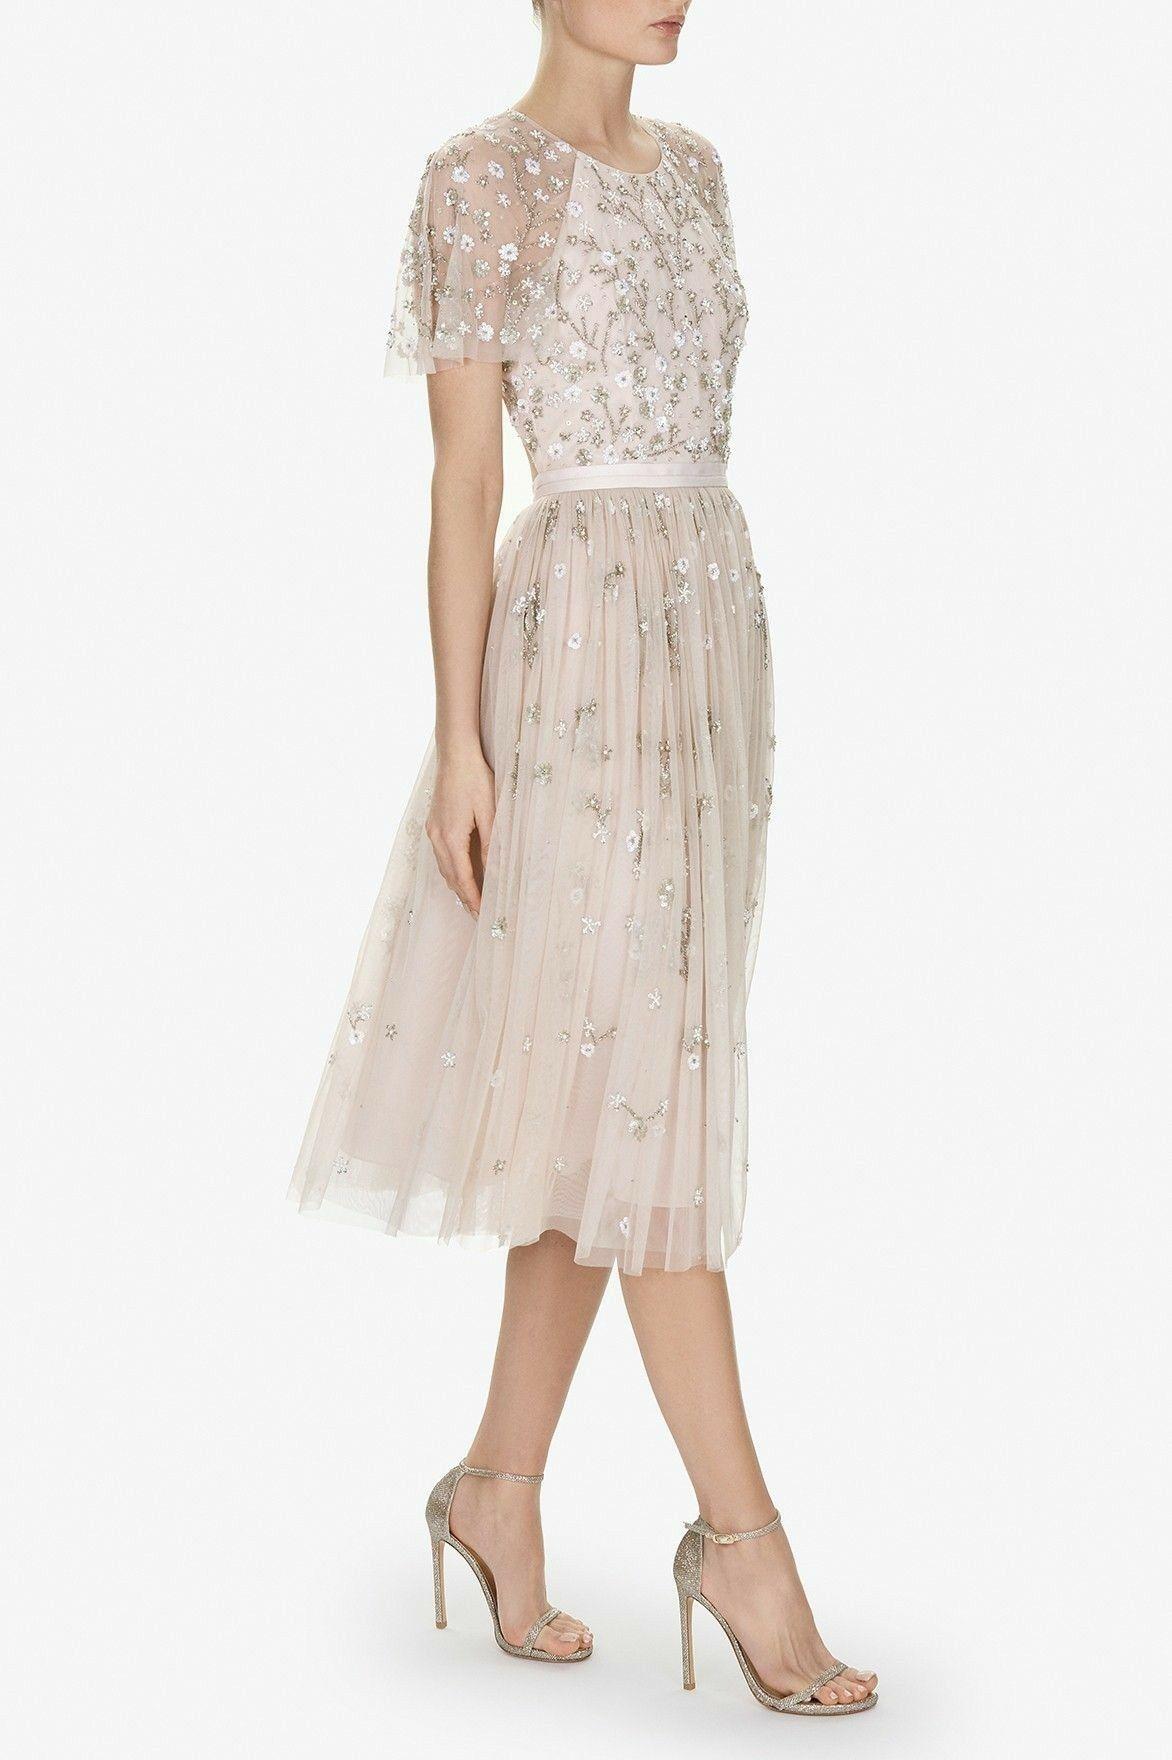 pin von dhwani shah auf gowns in 2018 pinterest kleider kleidung und abendkleid. Black Bedroom Furniture Sets. Home Design Ideas